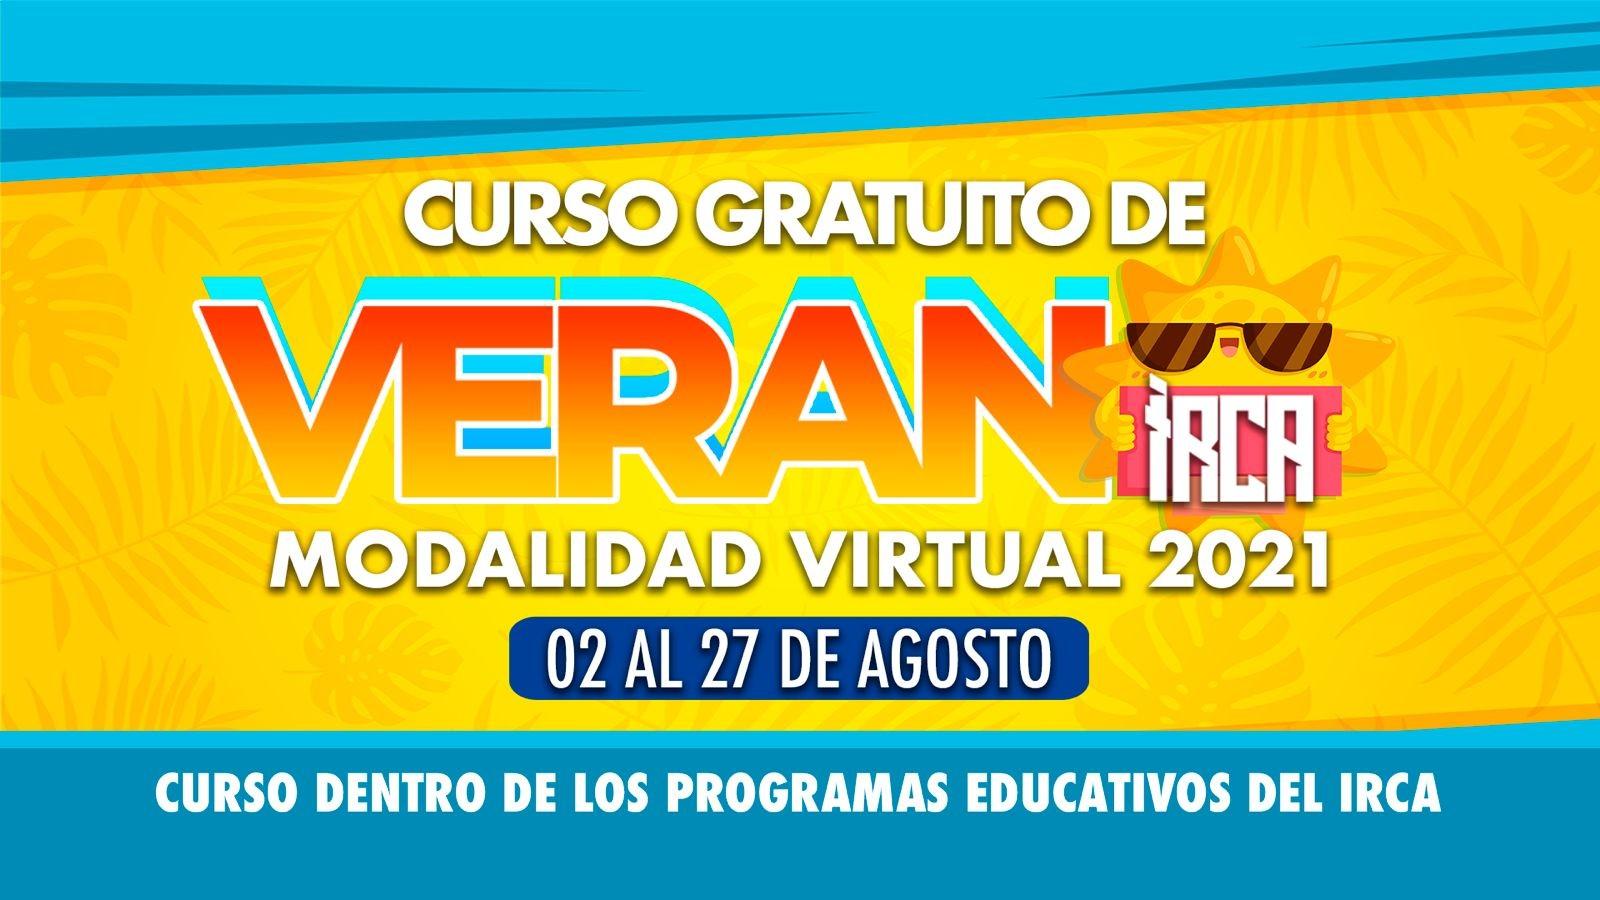 Curso Gratuito De Verano - Modalidad Virtual, 2021